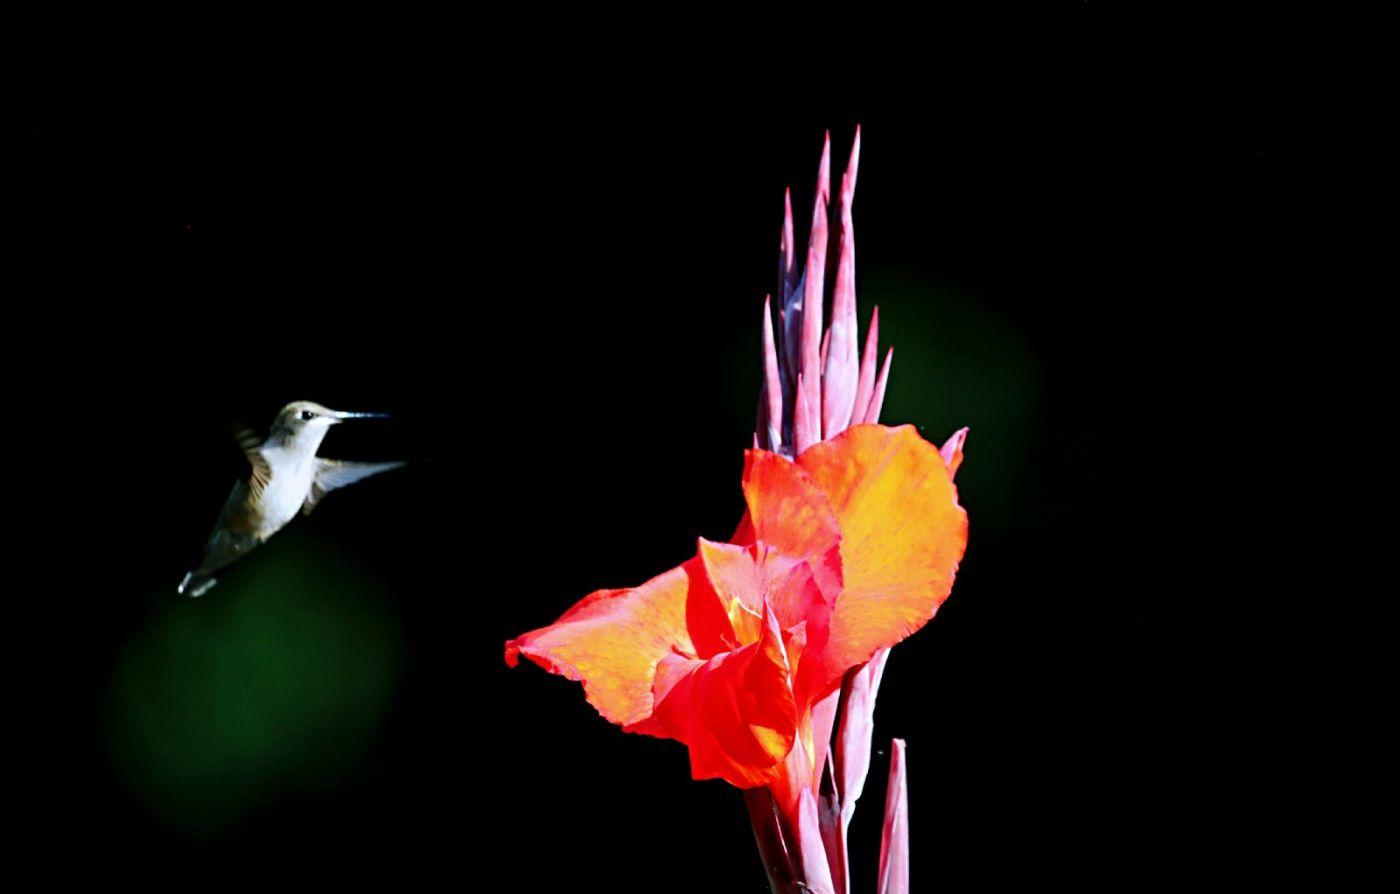 【田螺摄影】在纽约city找蜂鸟拍不难_图1-22